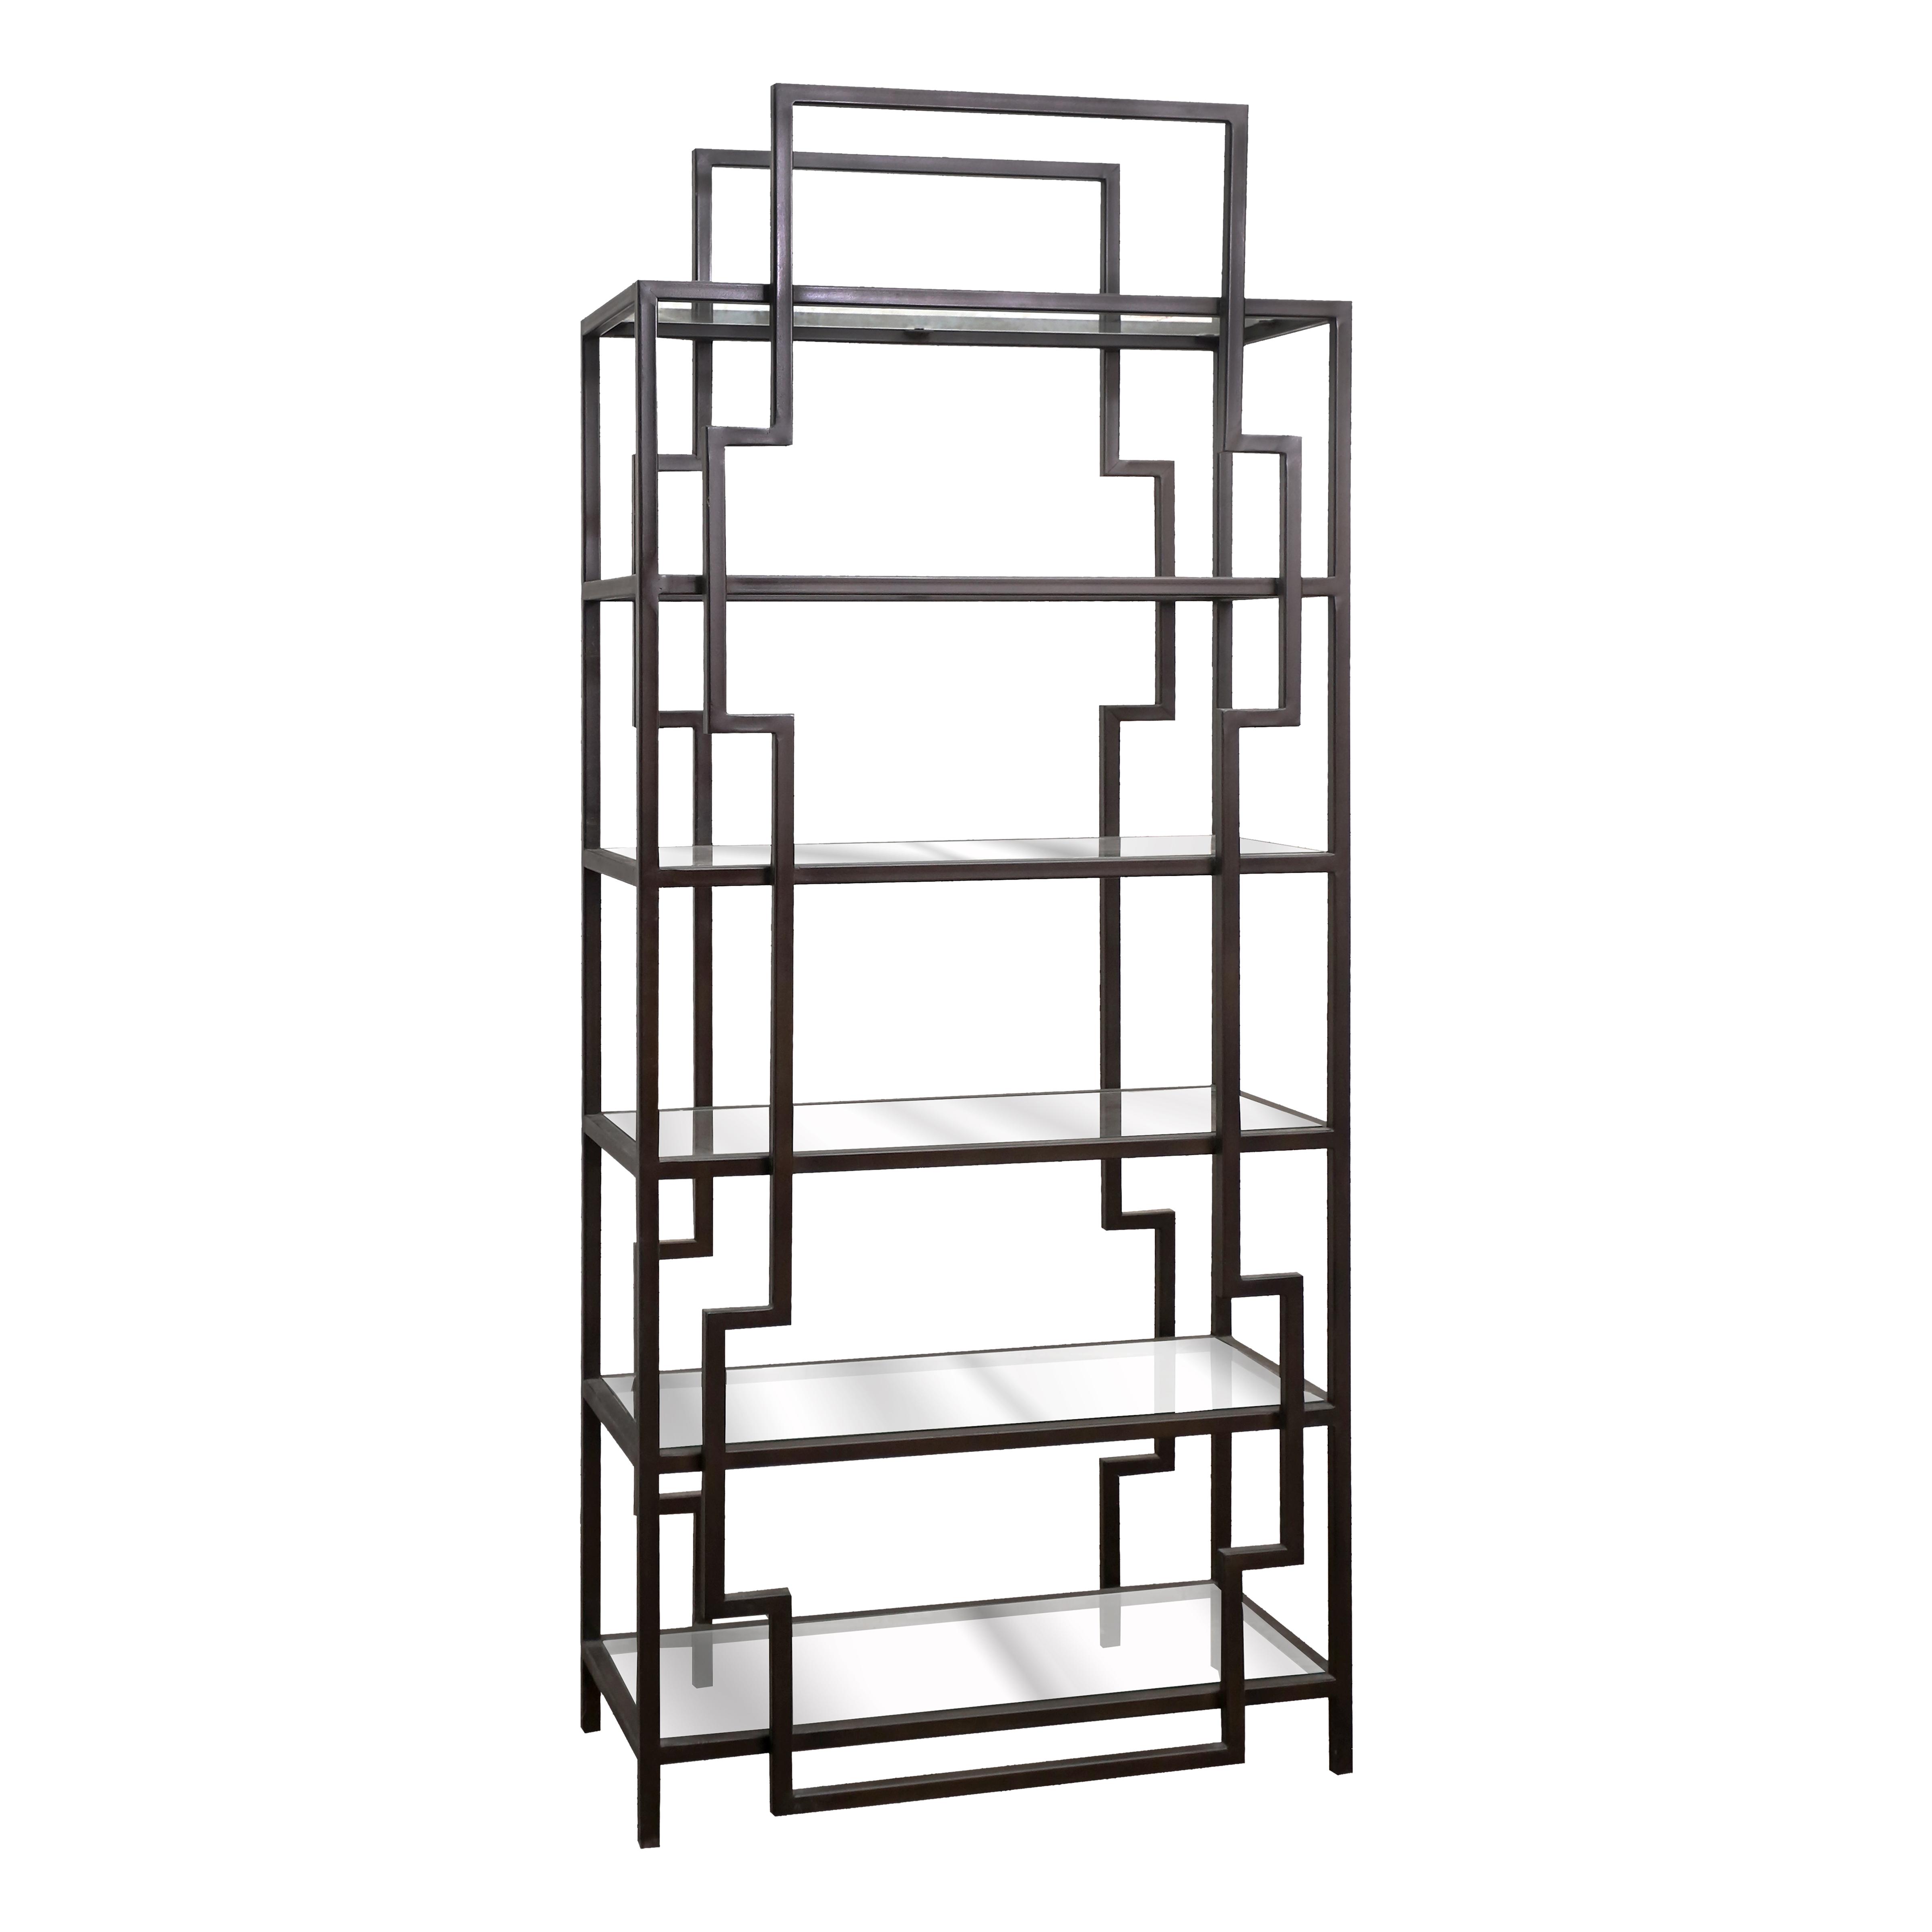 Mcguire Bookshelf 7011-2067 | ELK Home